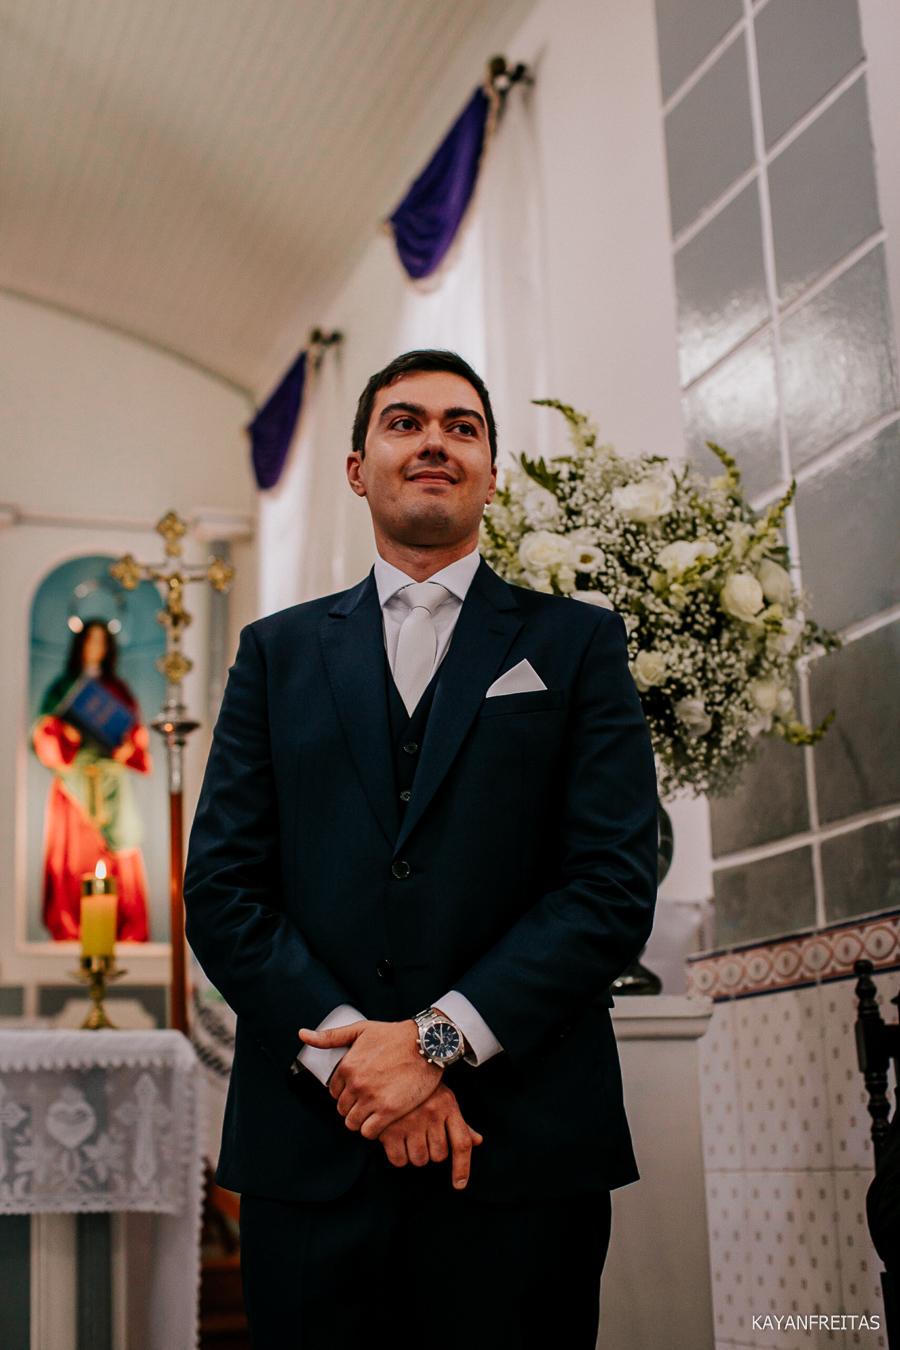 carol-eduardo-casamento-0044 Casamento Carol e Eduardo - São José / SC